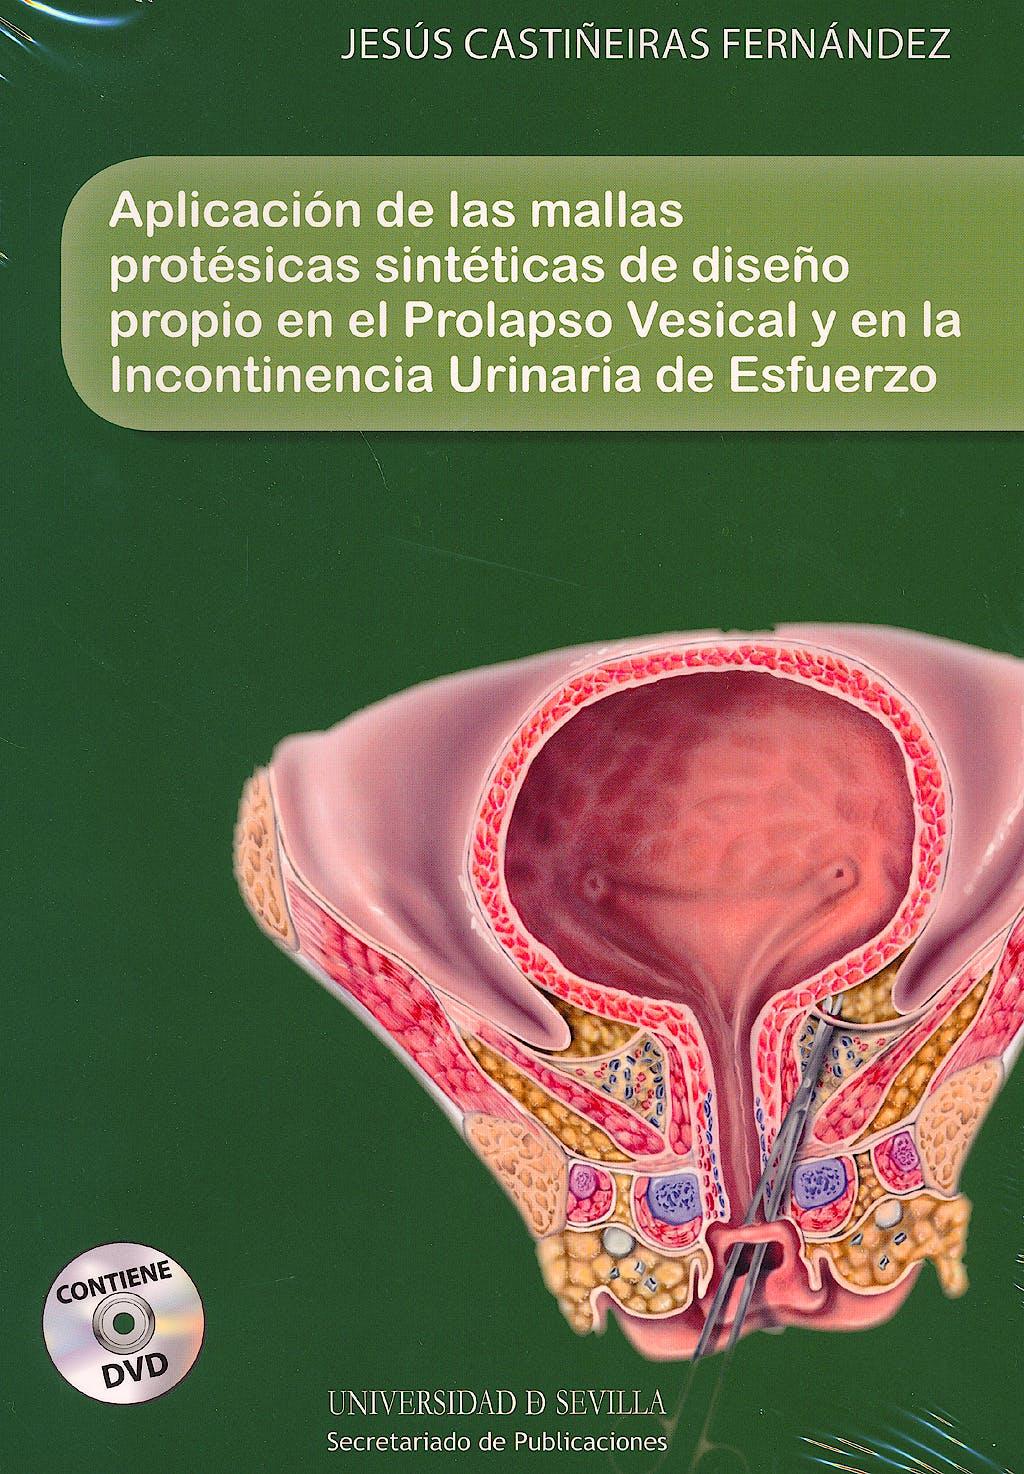 Portada del libro 9788447215287 Aplicacion de las Mallas Protesicas Sinteticas de Diseño Propio en el Prolapso Vesical y en la Incontinencia Urinaria de Esfuerzo + Dvd